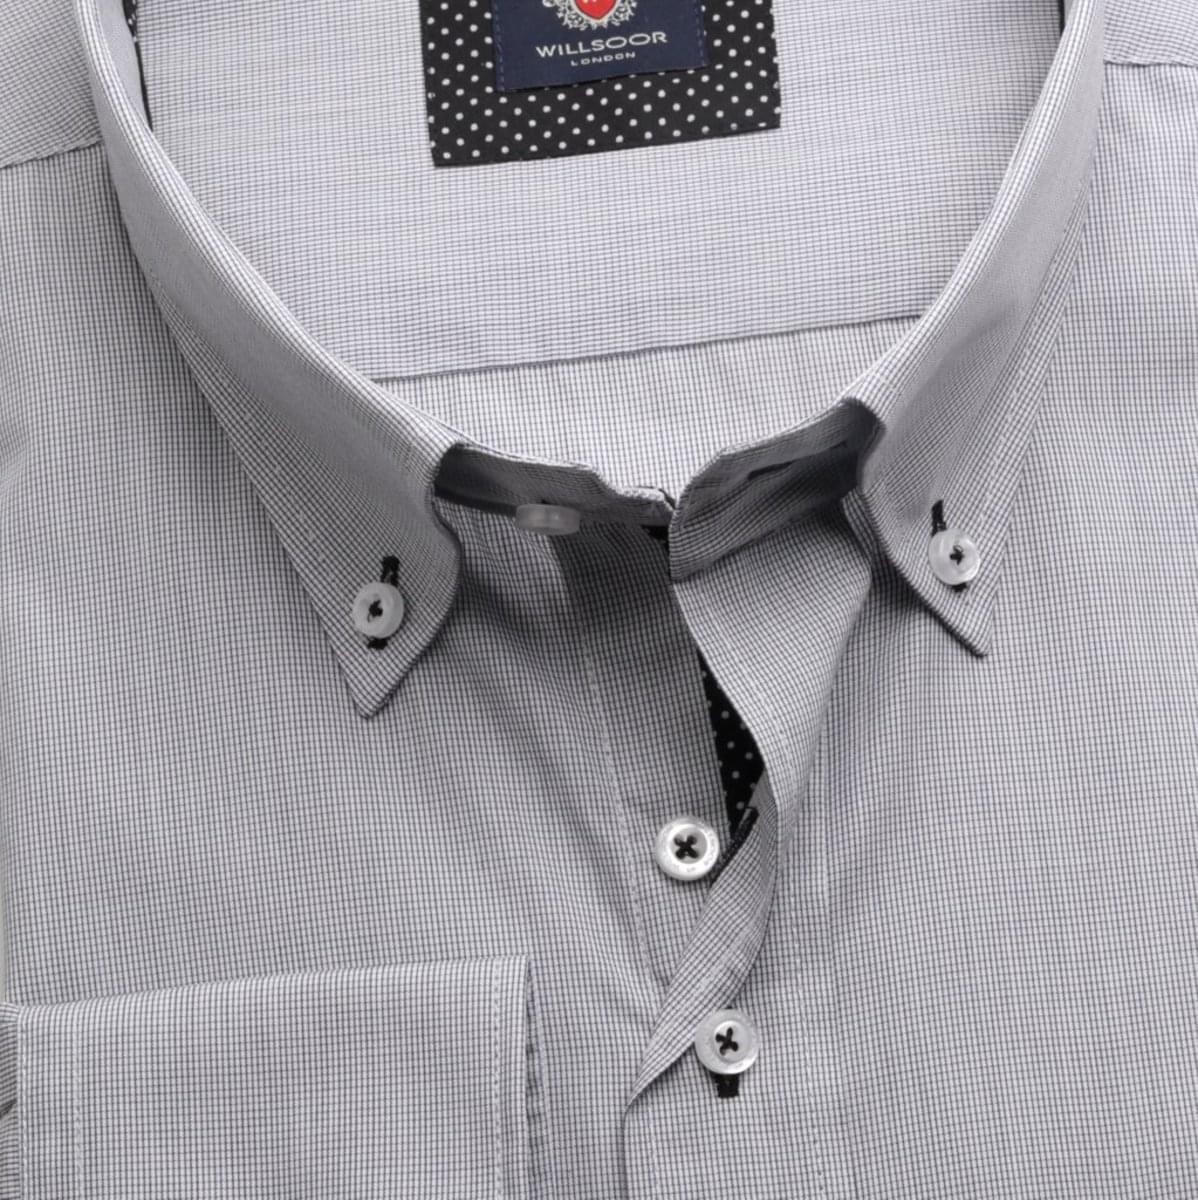 Pánská košile v bílé barvě s drobnou černou kostkou WR London (výška 188-194) 5112 188-194 / 47/48